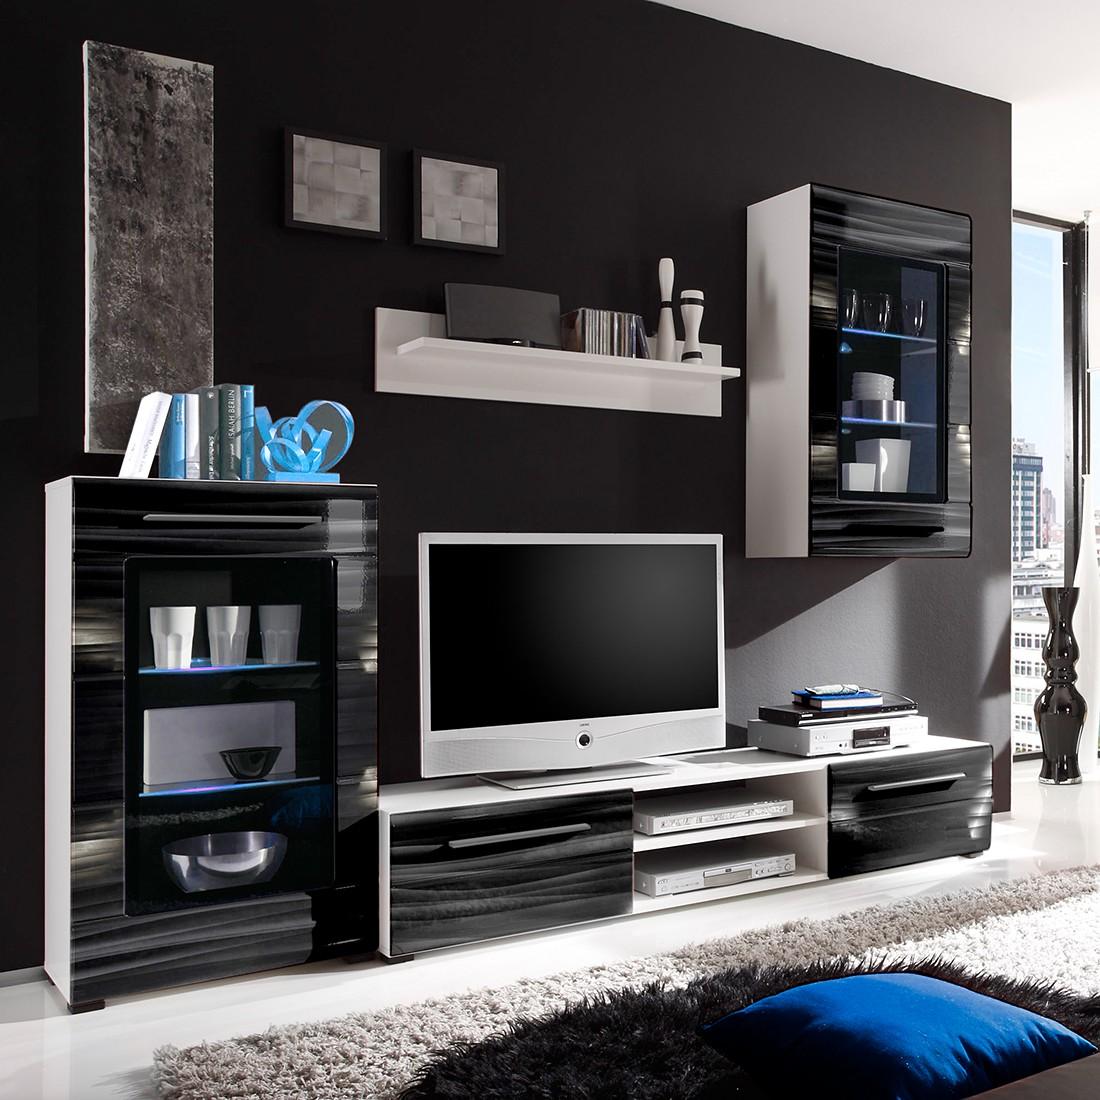 hochglanz wohnwand wei amazing wohnwand weis hochglanz komplett designer wohnwand weis. Black Bedroom Furniture Sets. Home Design Ideas